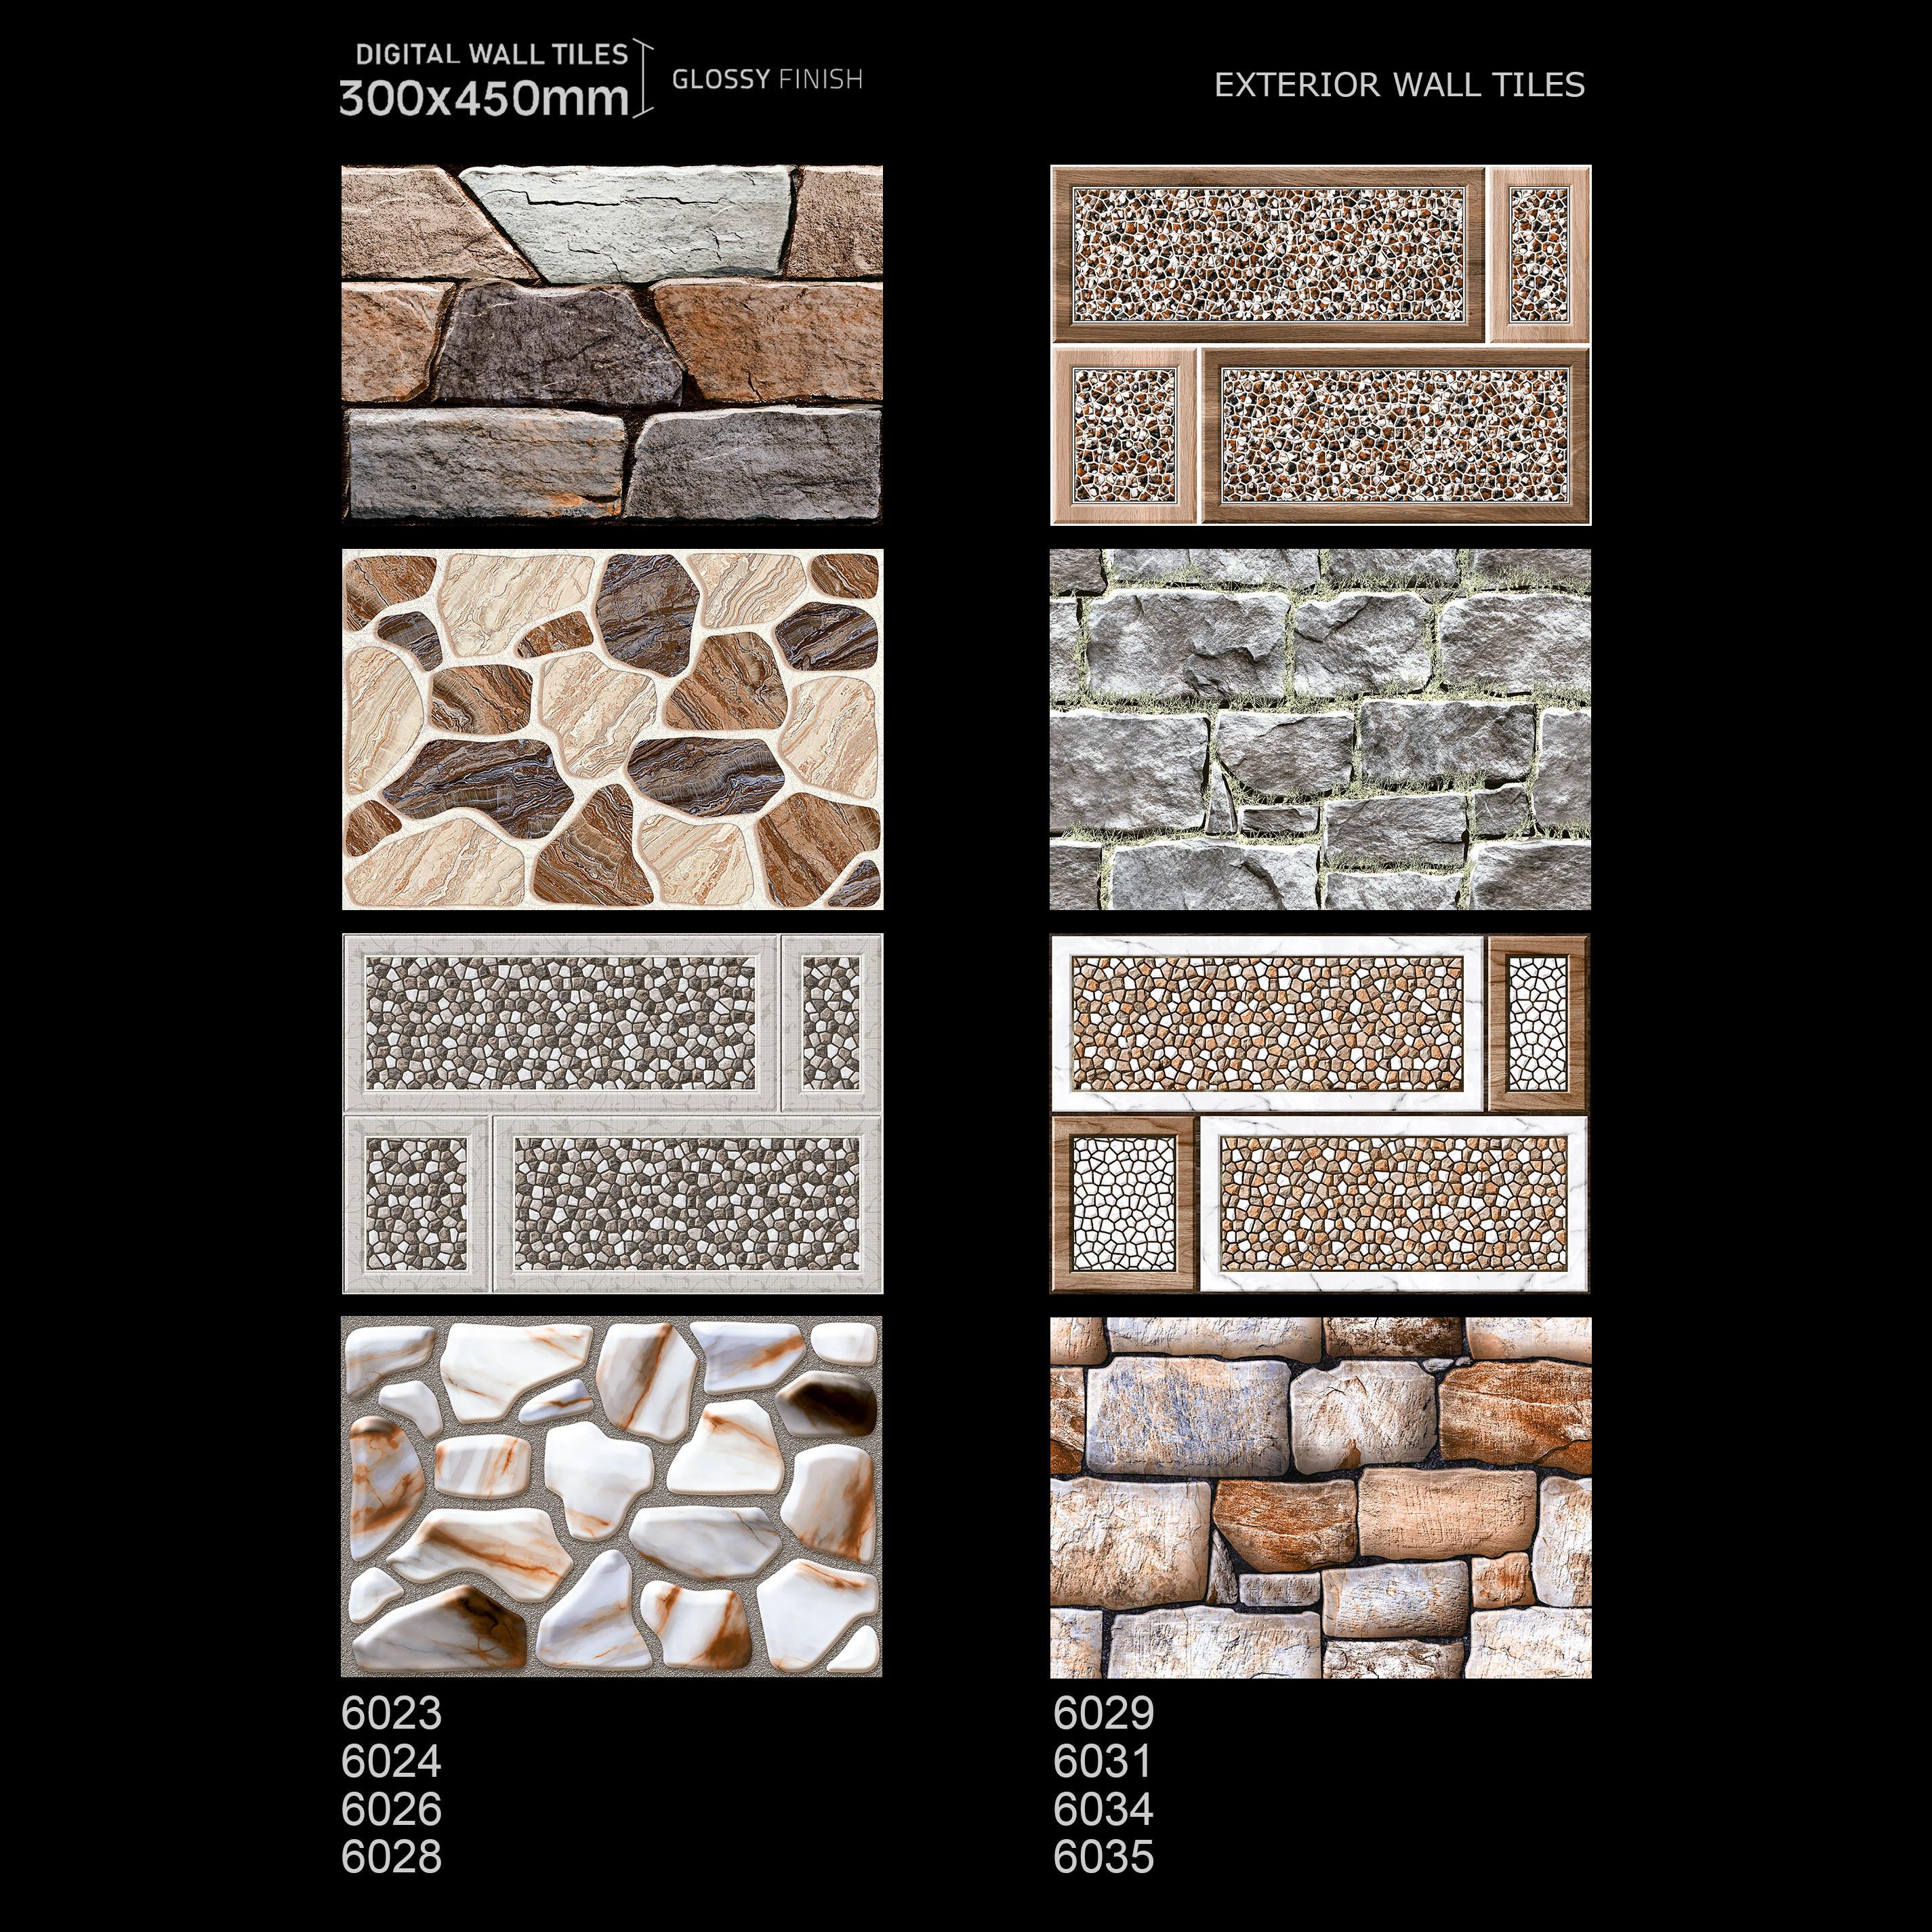 30 x 450 Wall Tiles